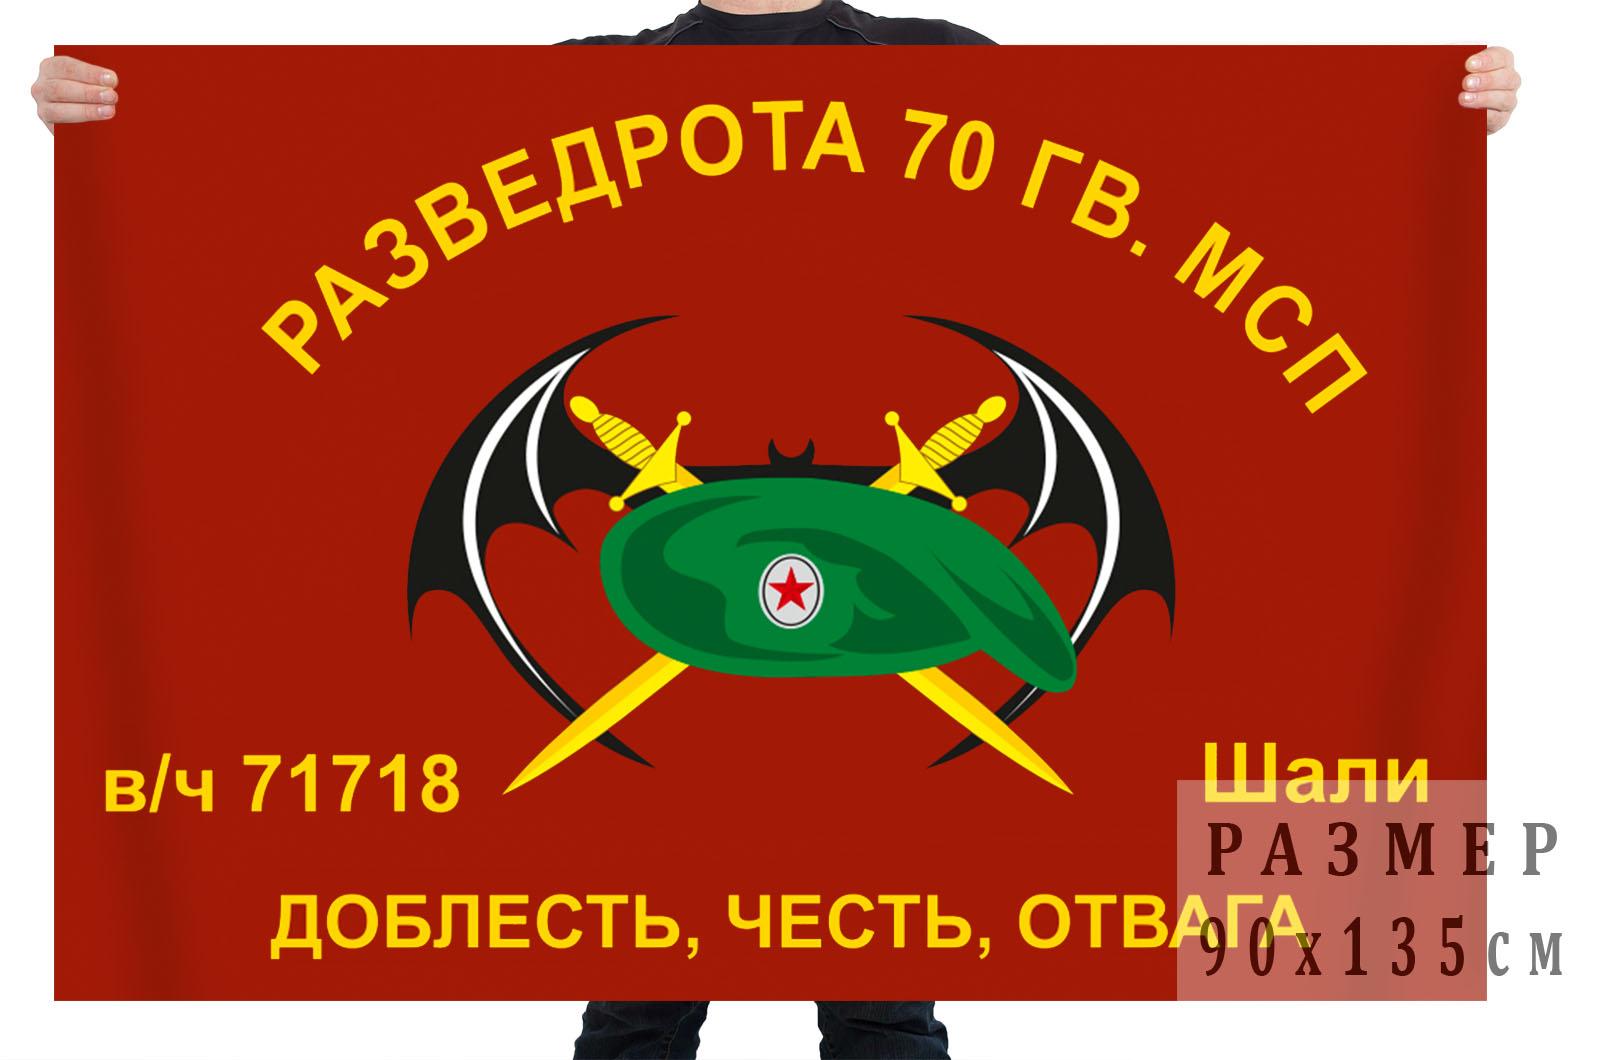 Флаг Разведроты 70 Гв. МСП